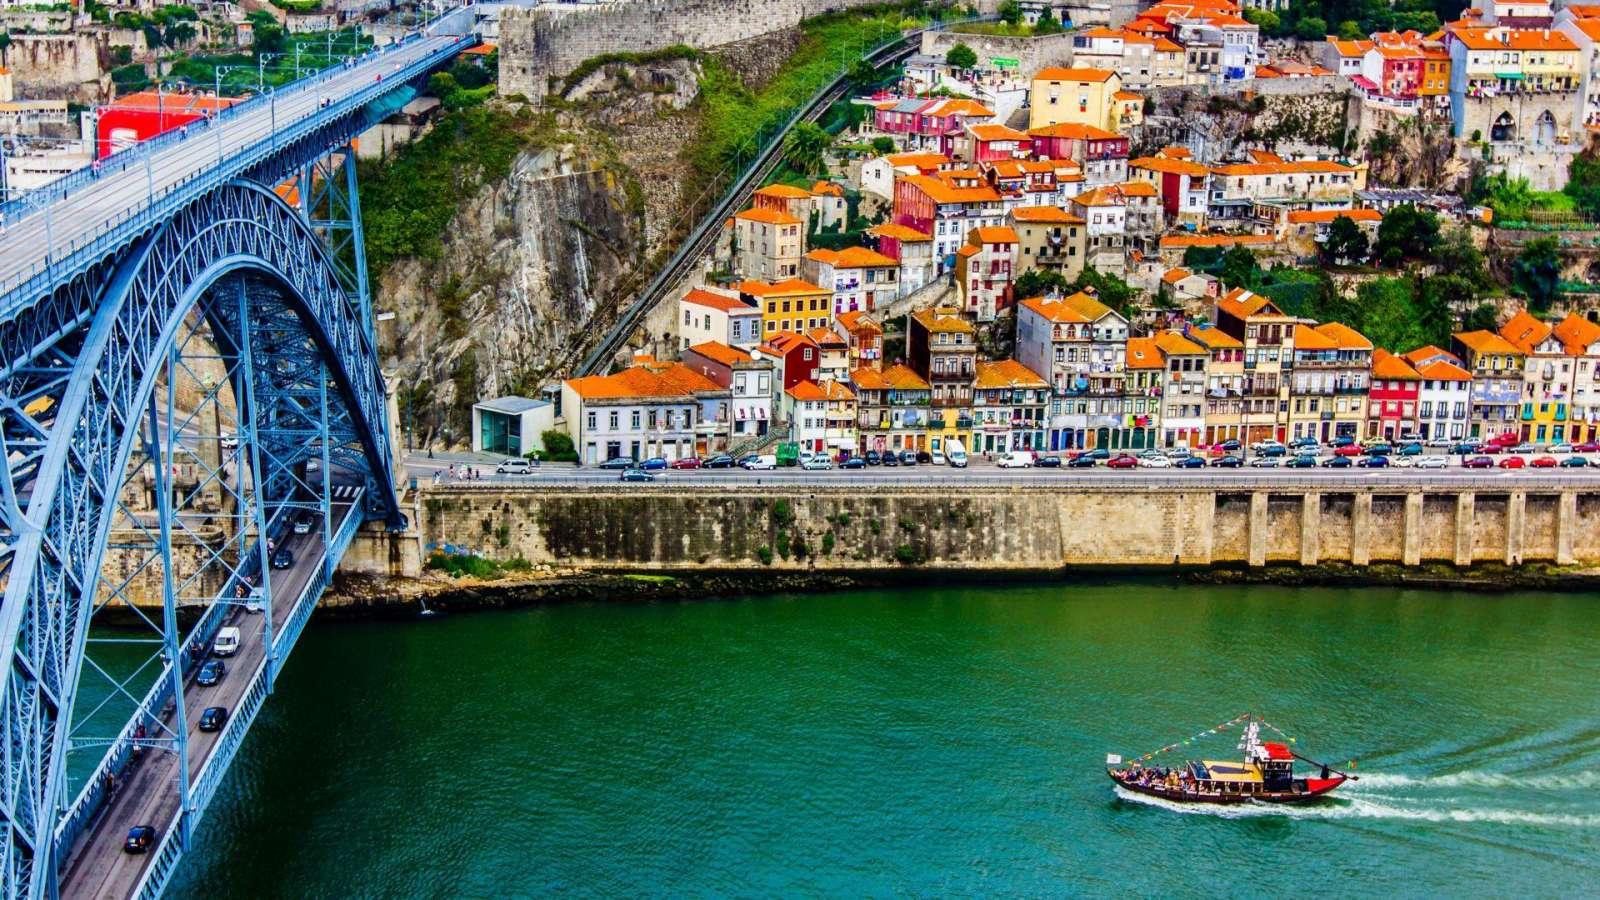 Metalinis Dom Luis tiltas senovės Porto mieste, Portugalijoje.